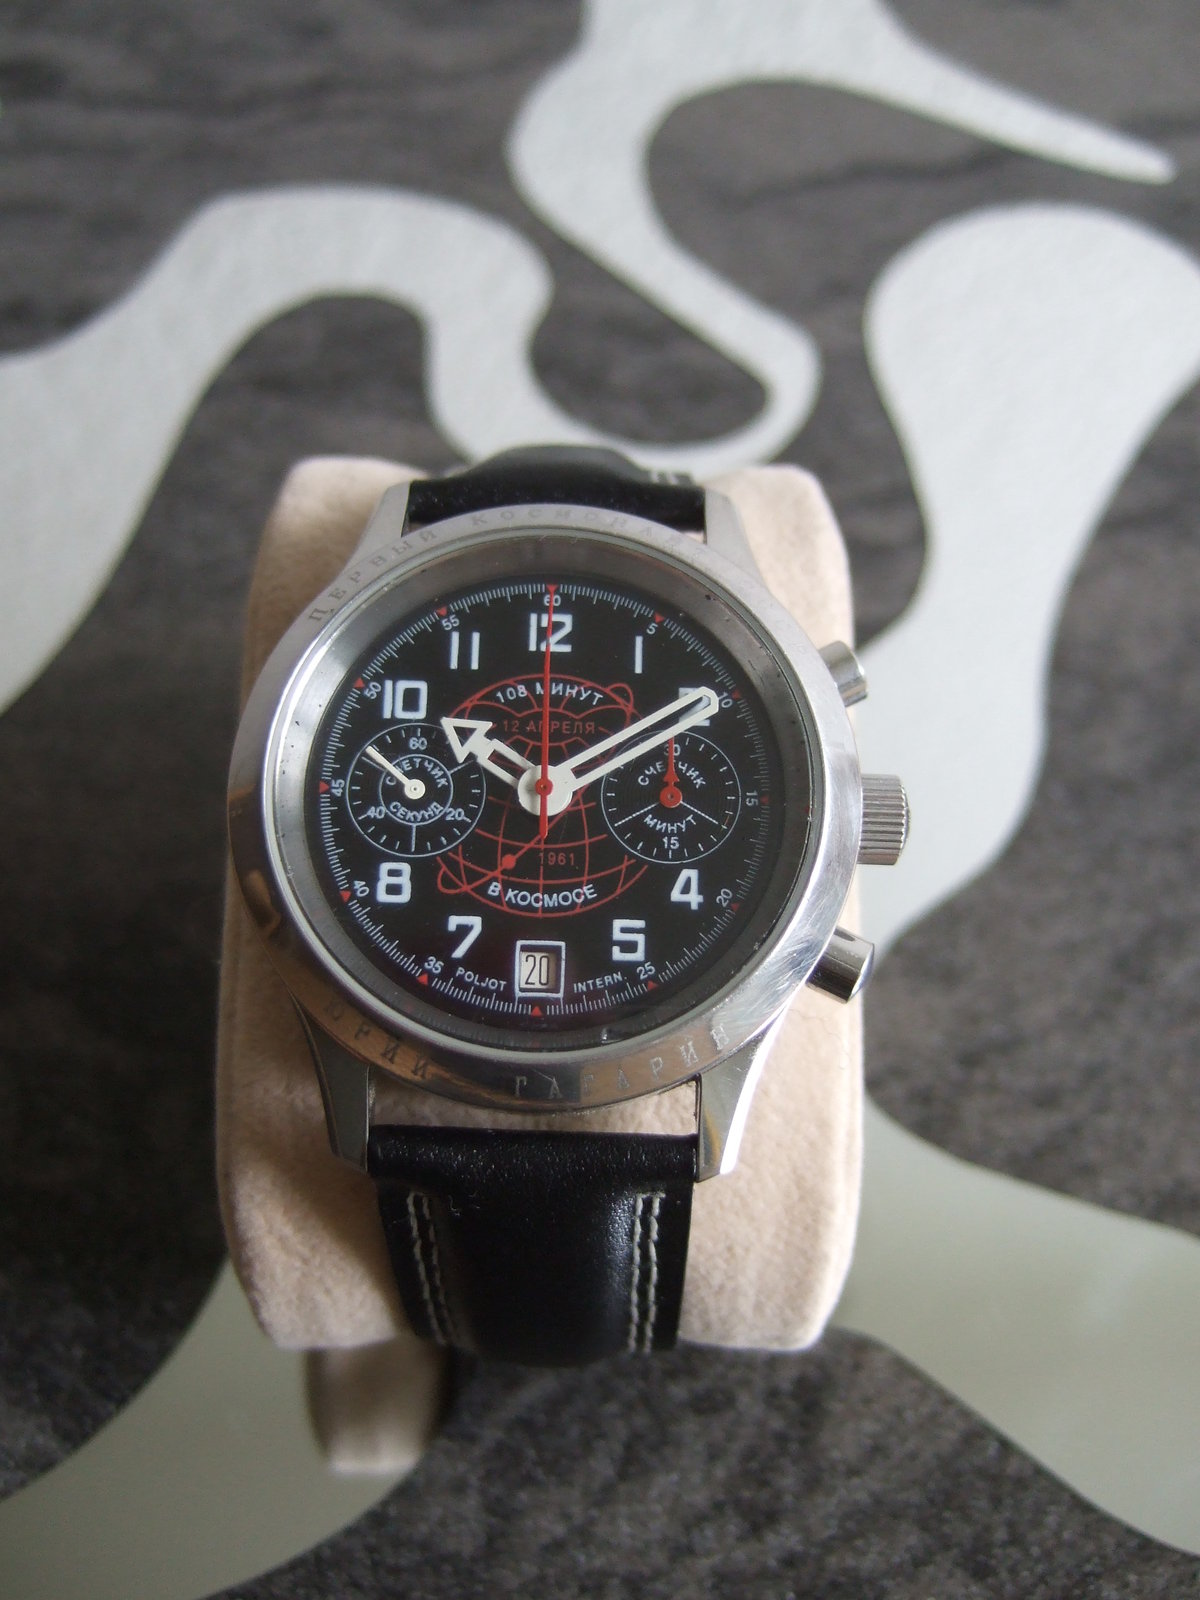 Welche Uhr tragt Ihr heute? (Teil 9) - UhrForum - Seite 1173